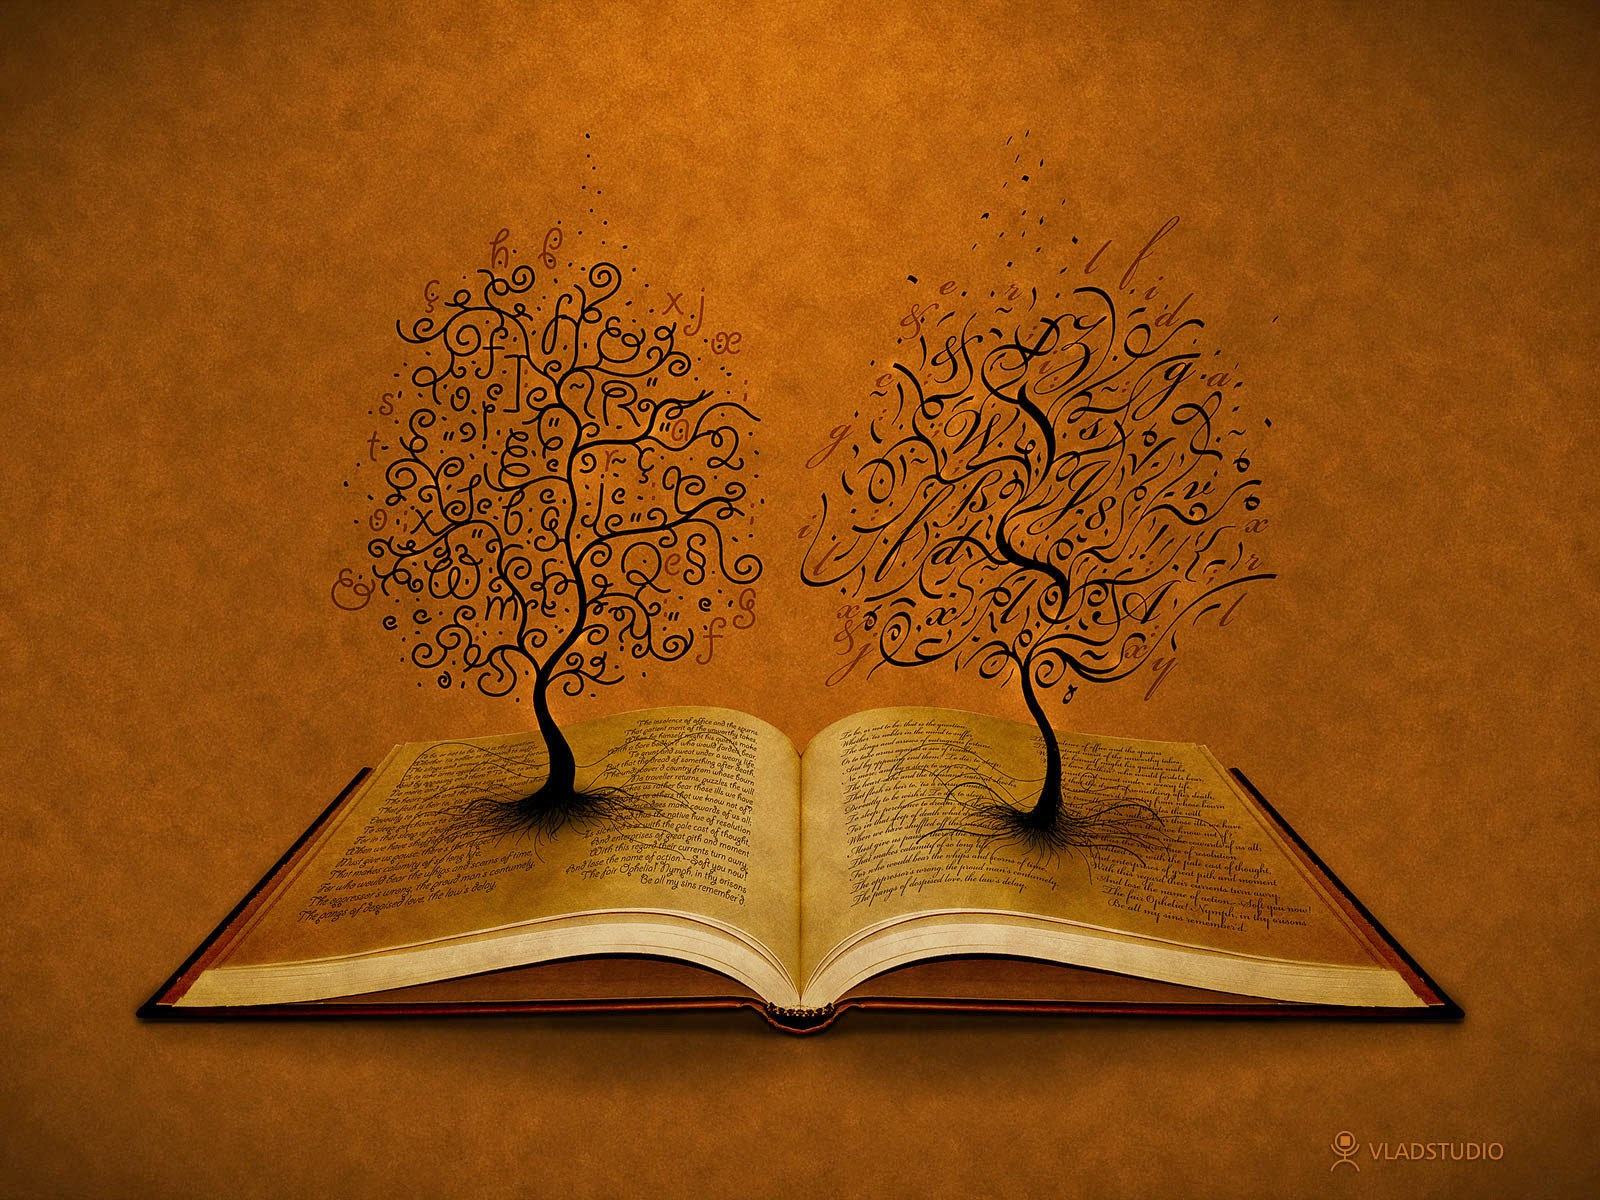 El magico mundo de la lectura